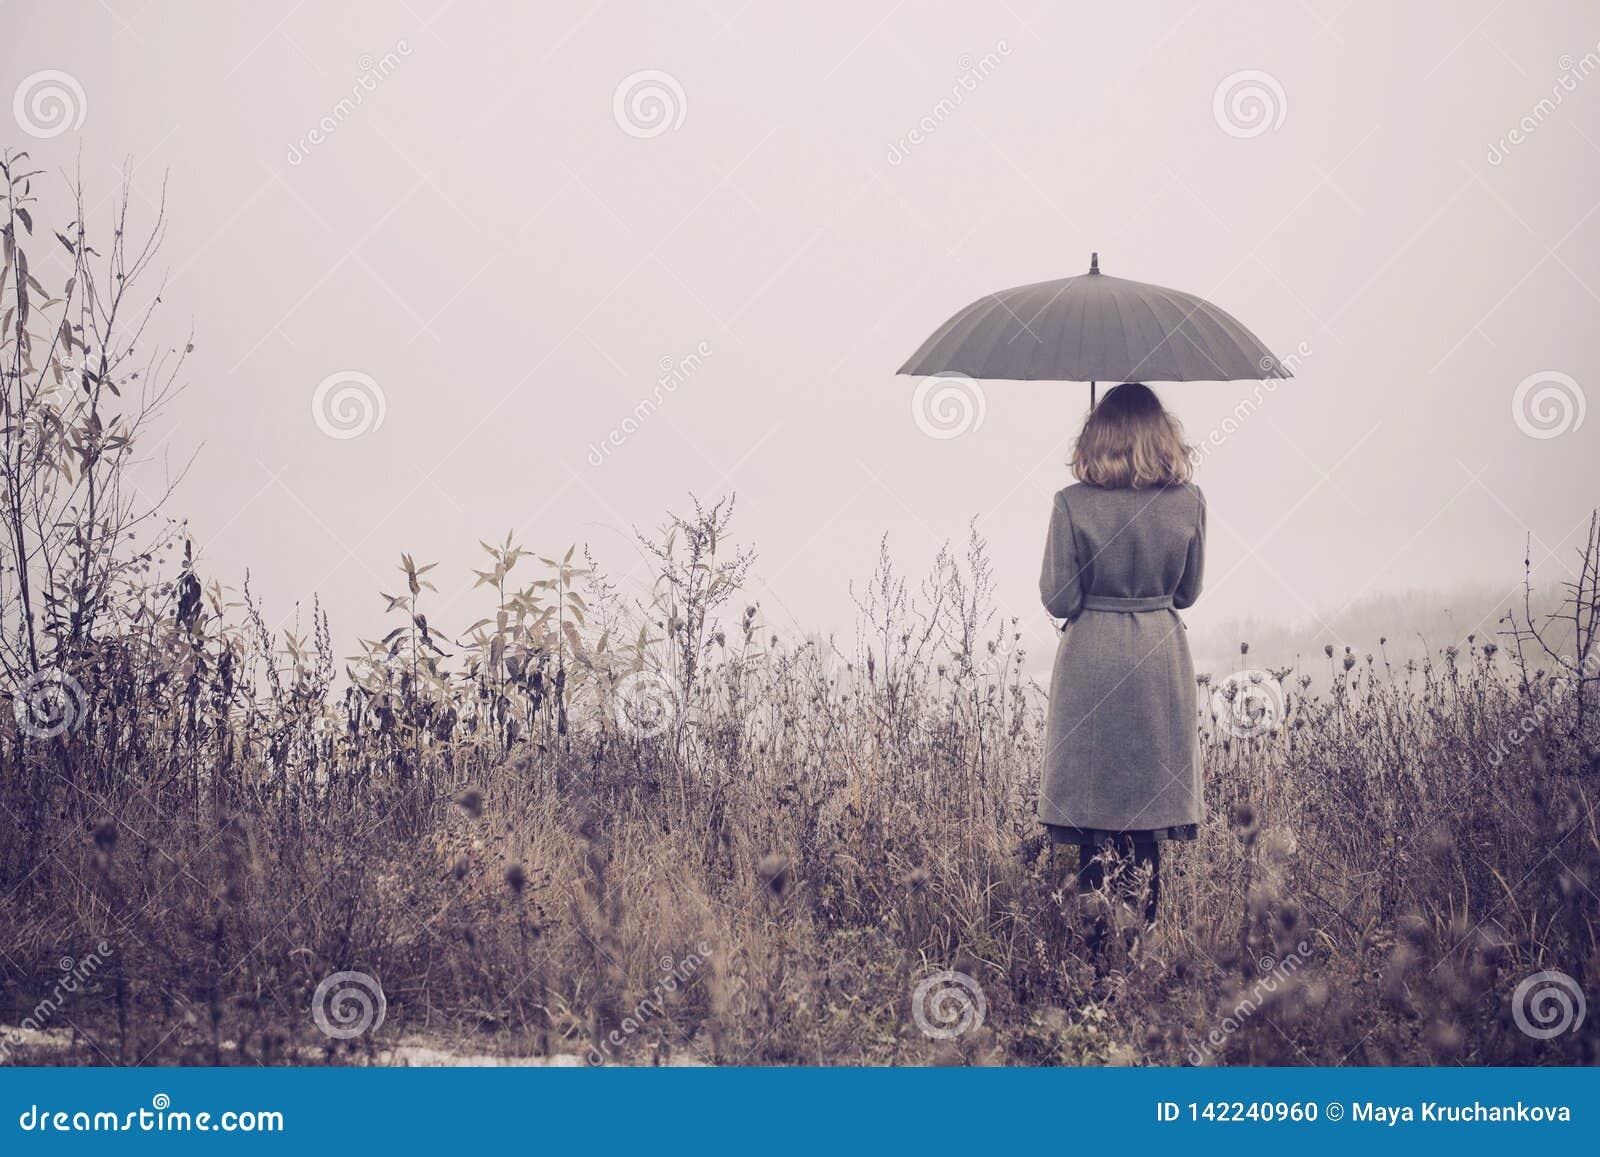 девушка с зонтиком. картинки